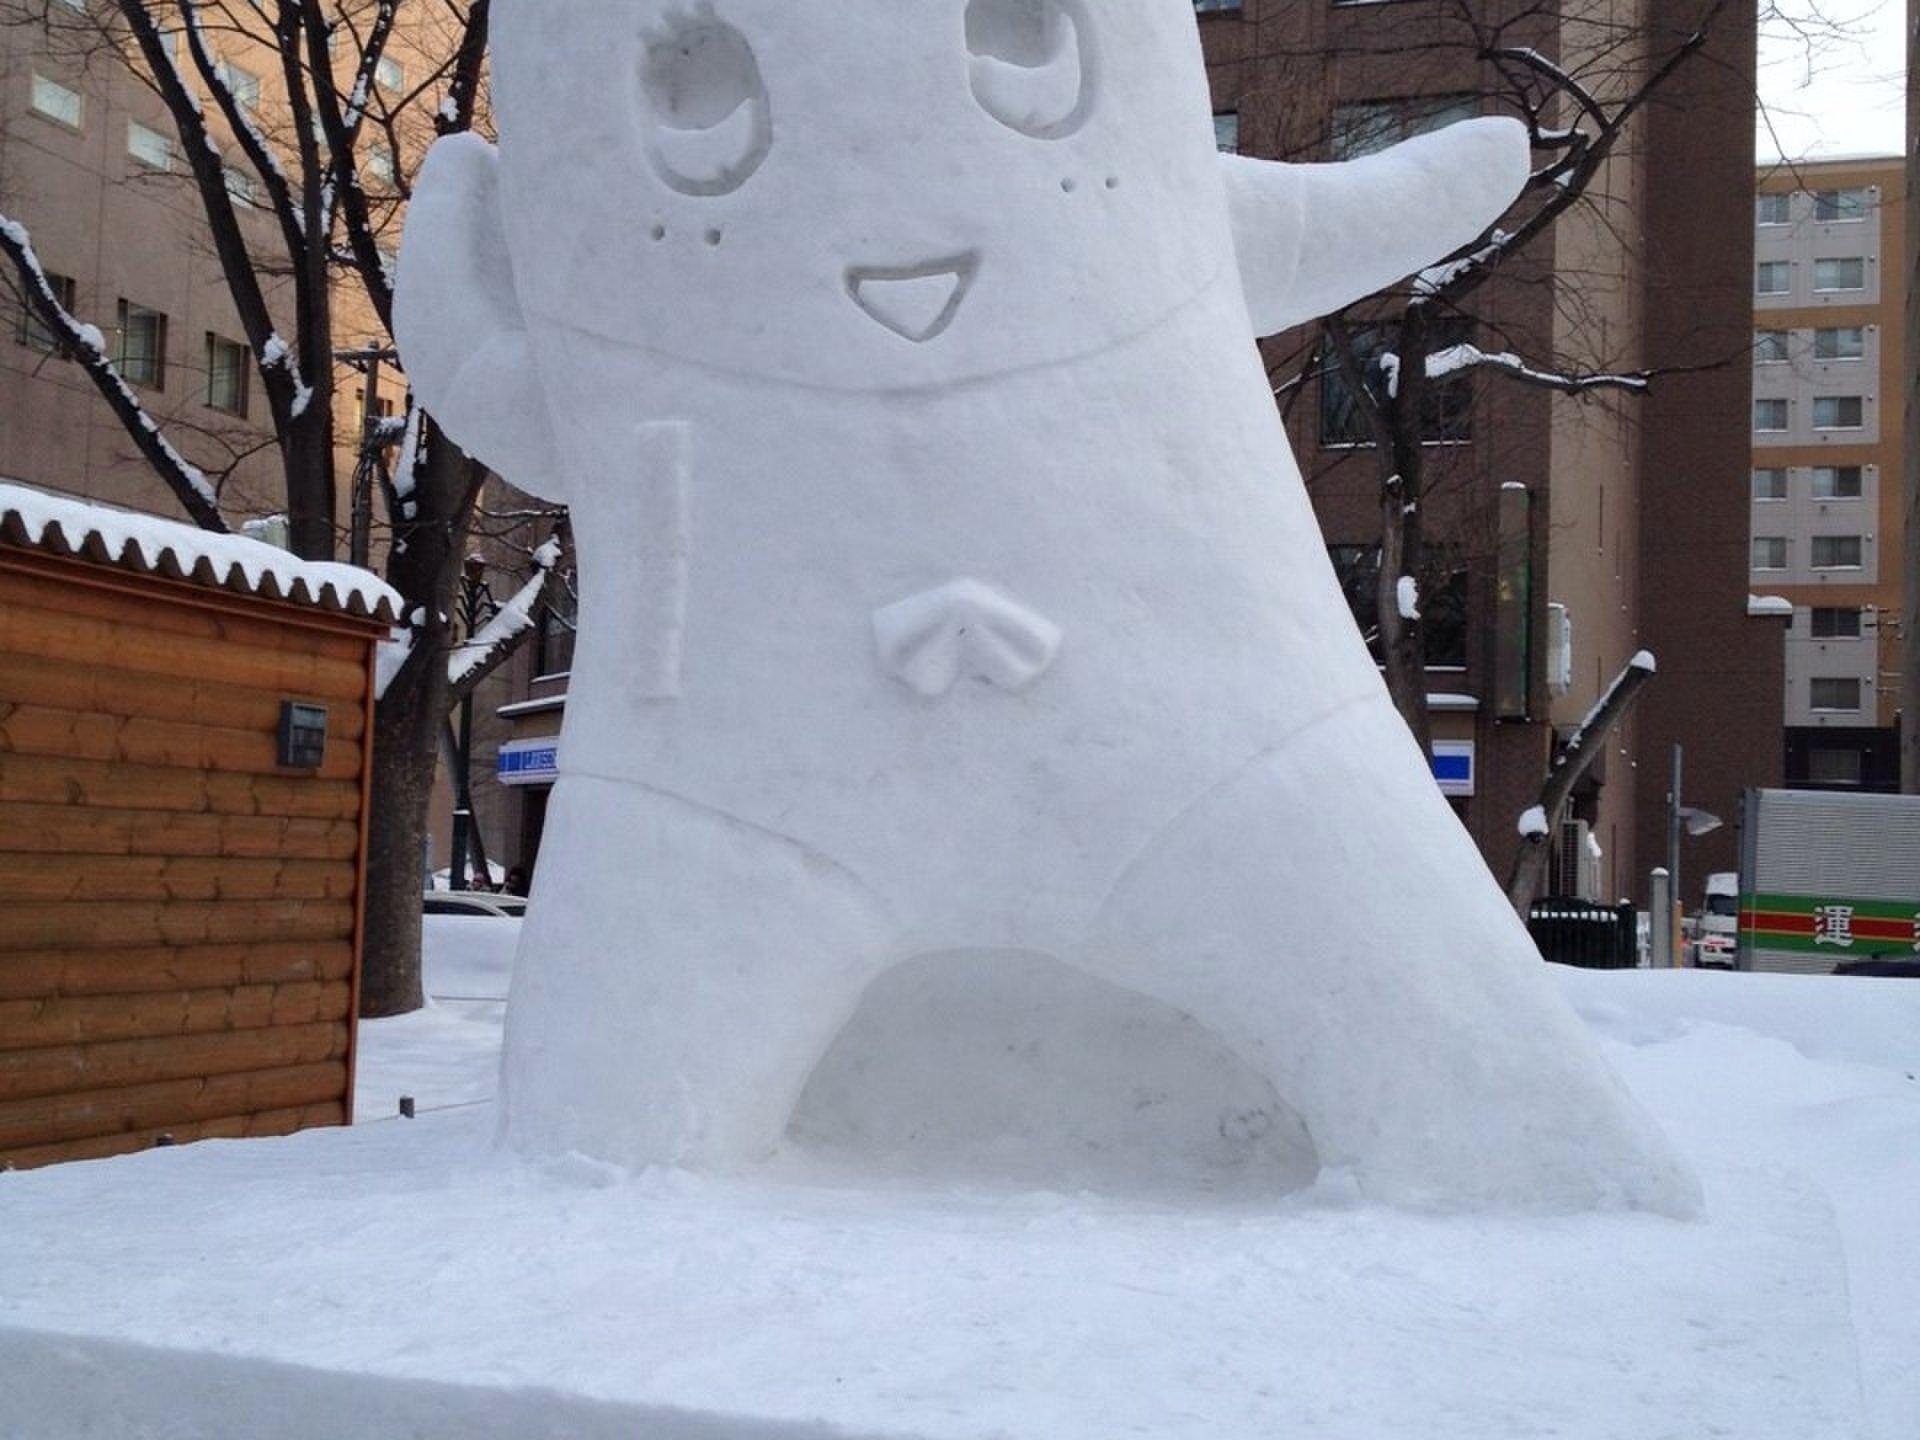 さっぽろ雪まつりin2014☆【大倉山ジャンプ競技場/北海道神宮/スープカレー/雪まつり】